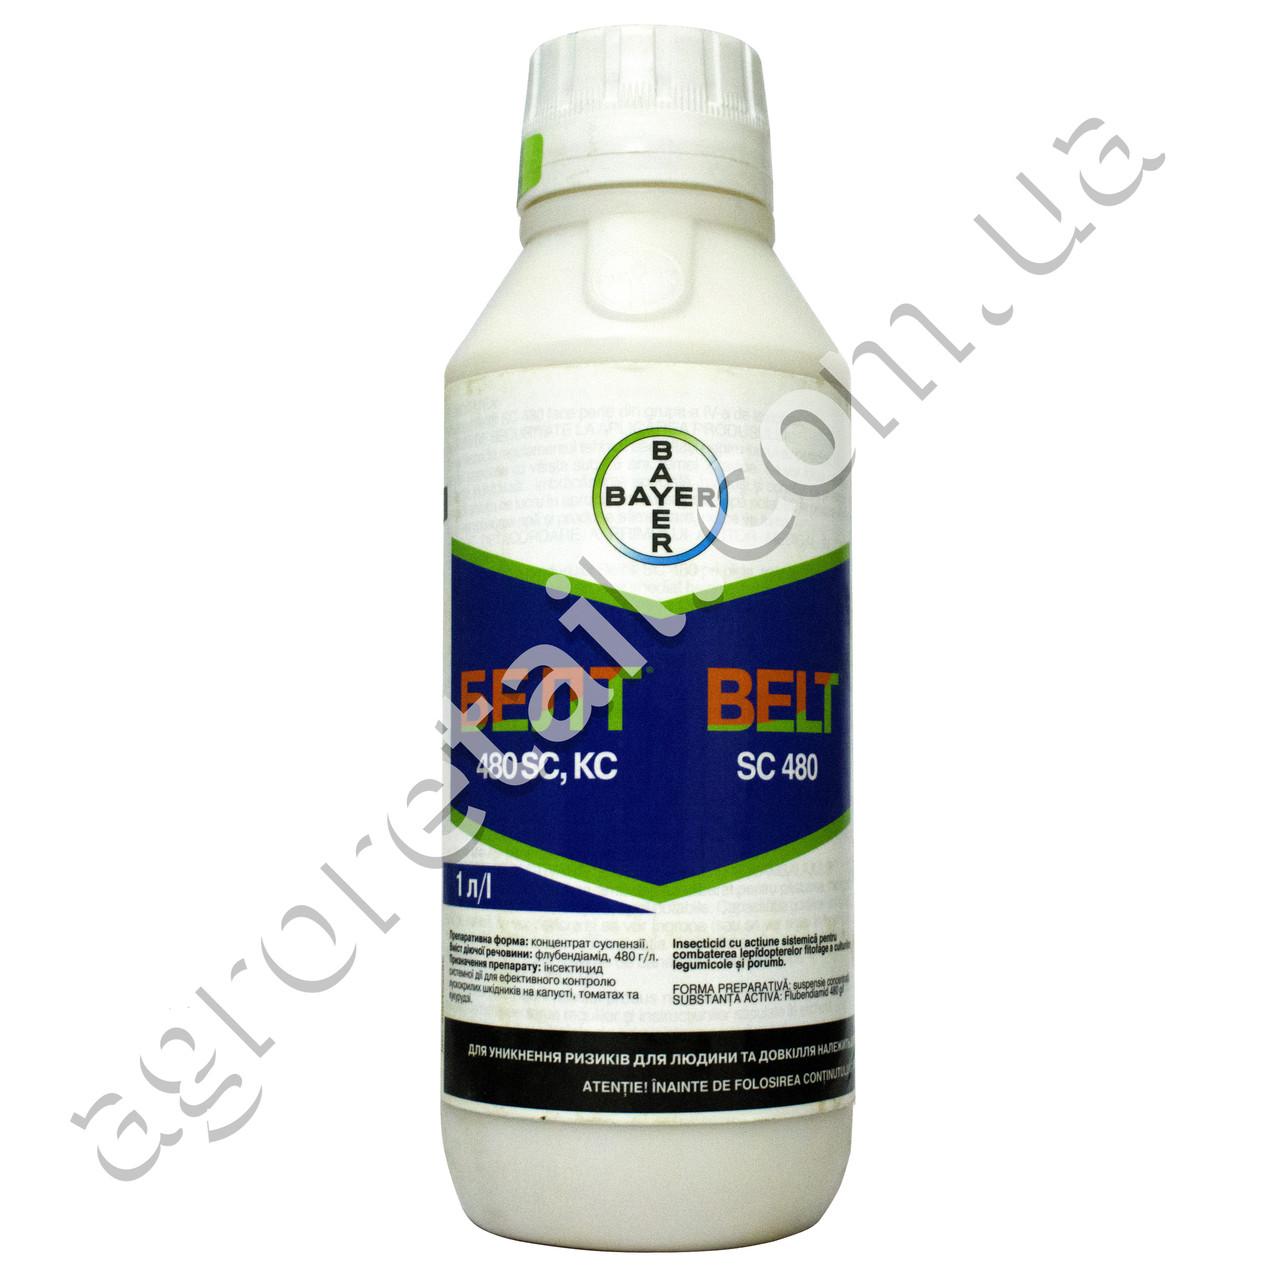 Белт 480 SC